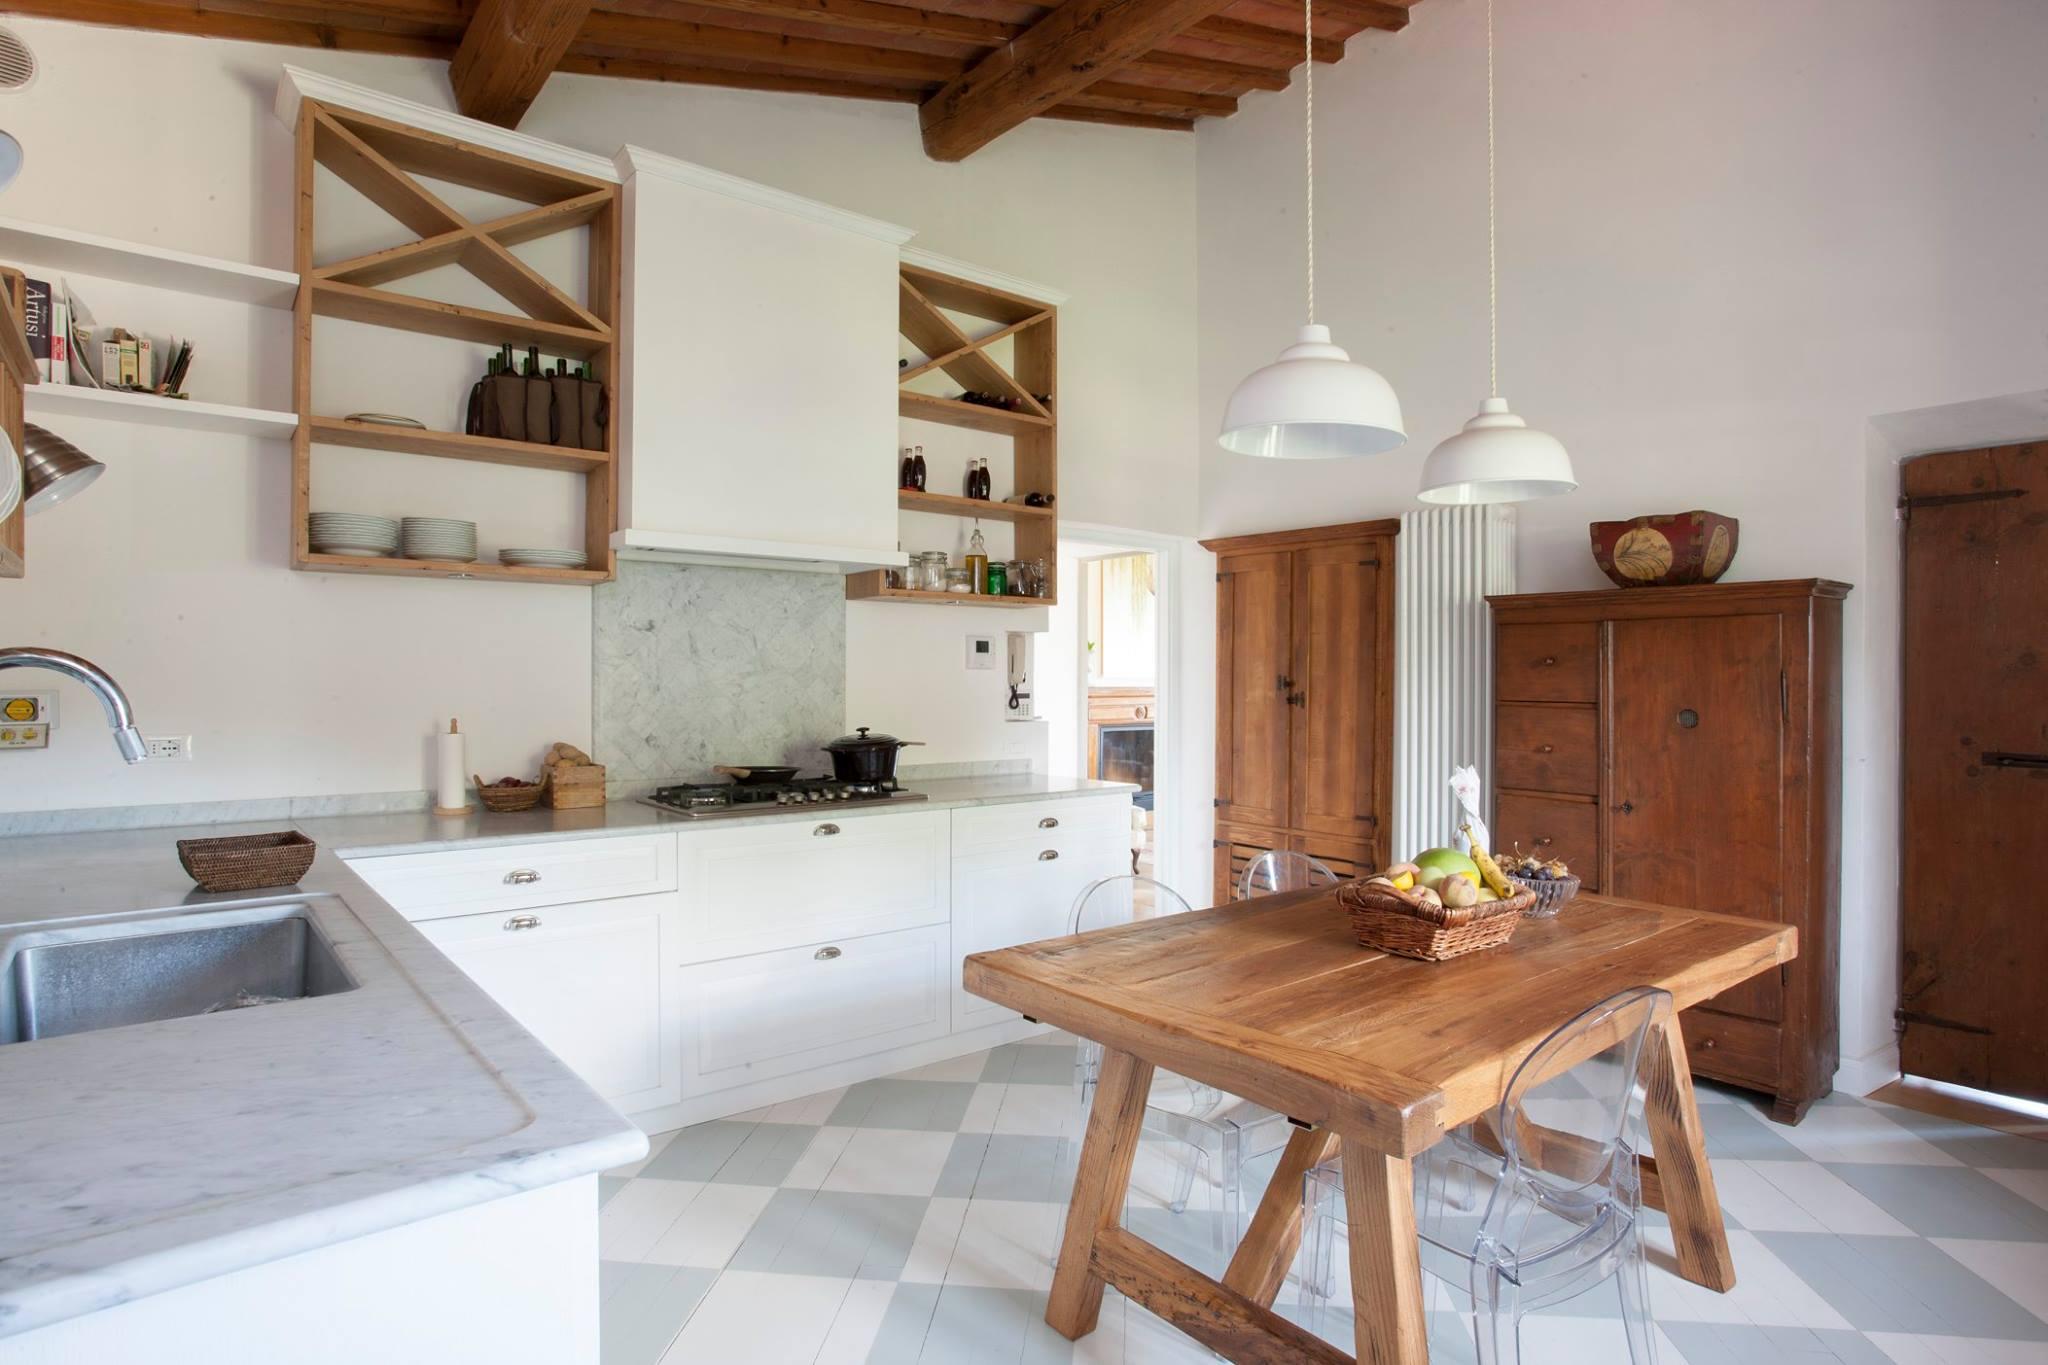 Cucina Bianca Moderna Con Tavolo Antico.Cucine Su Misura Cucine In Legno Arredamentiroma